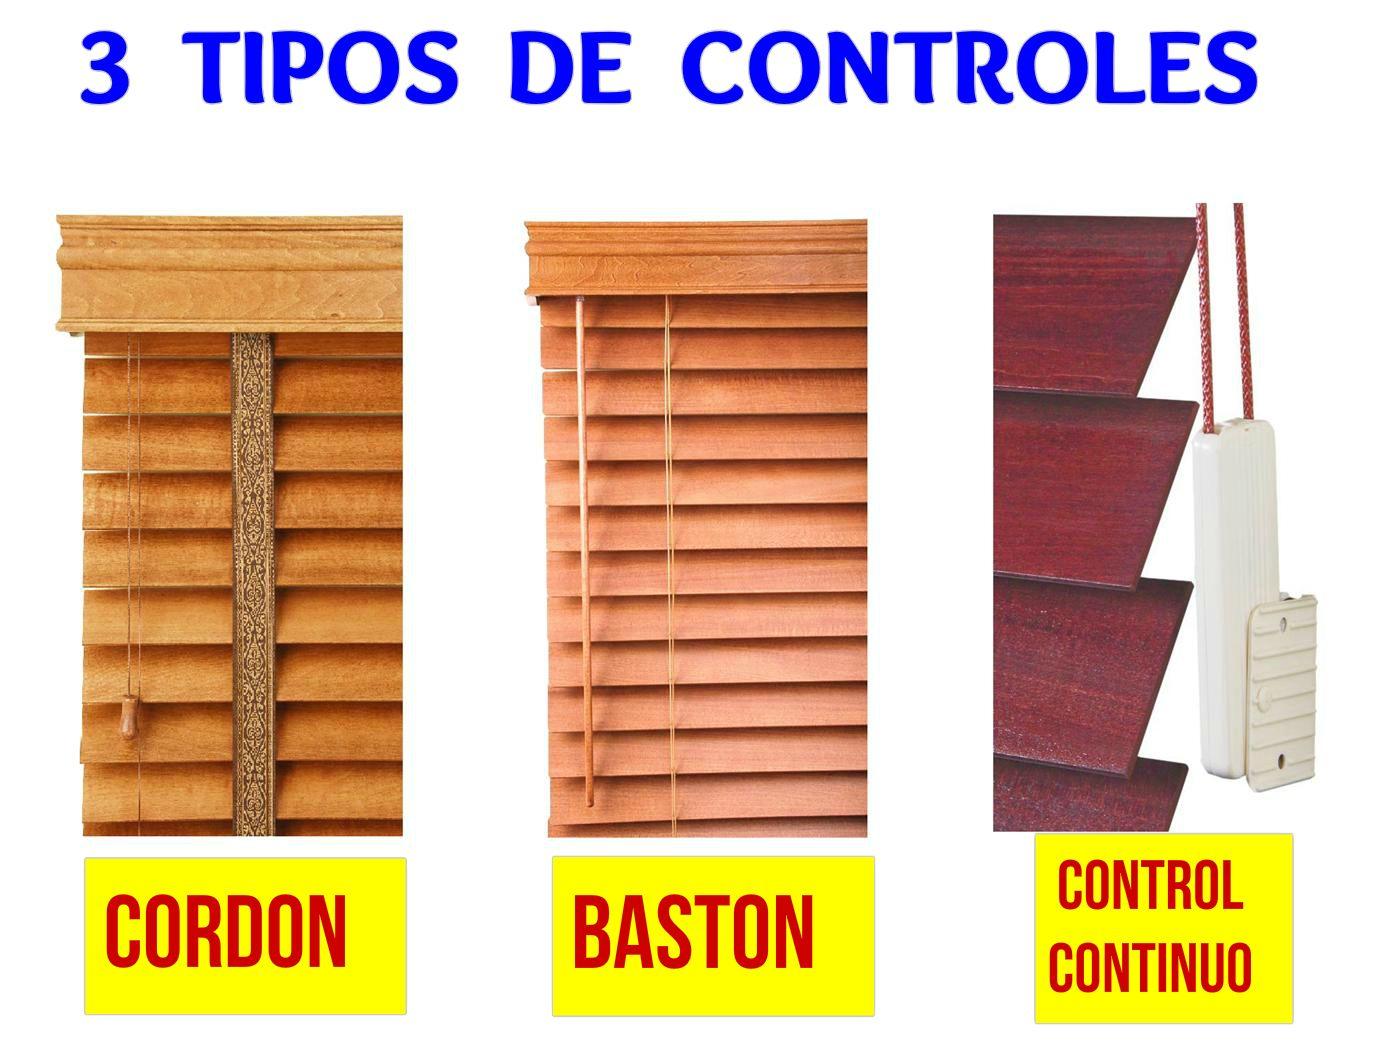 existen 3 tipos de control para operar e inclinar las tabletas de madera de su persiana - Persianas De Madera